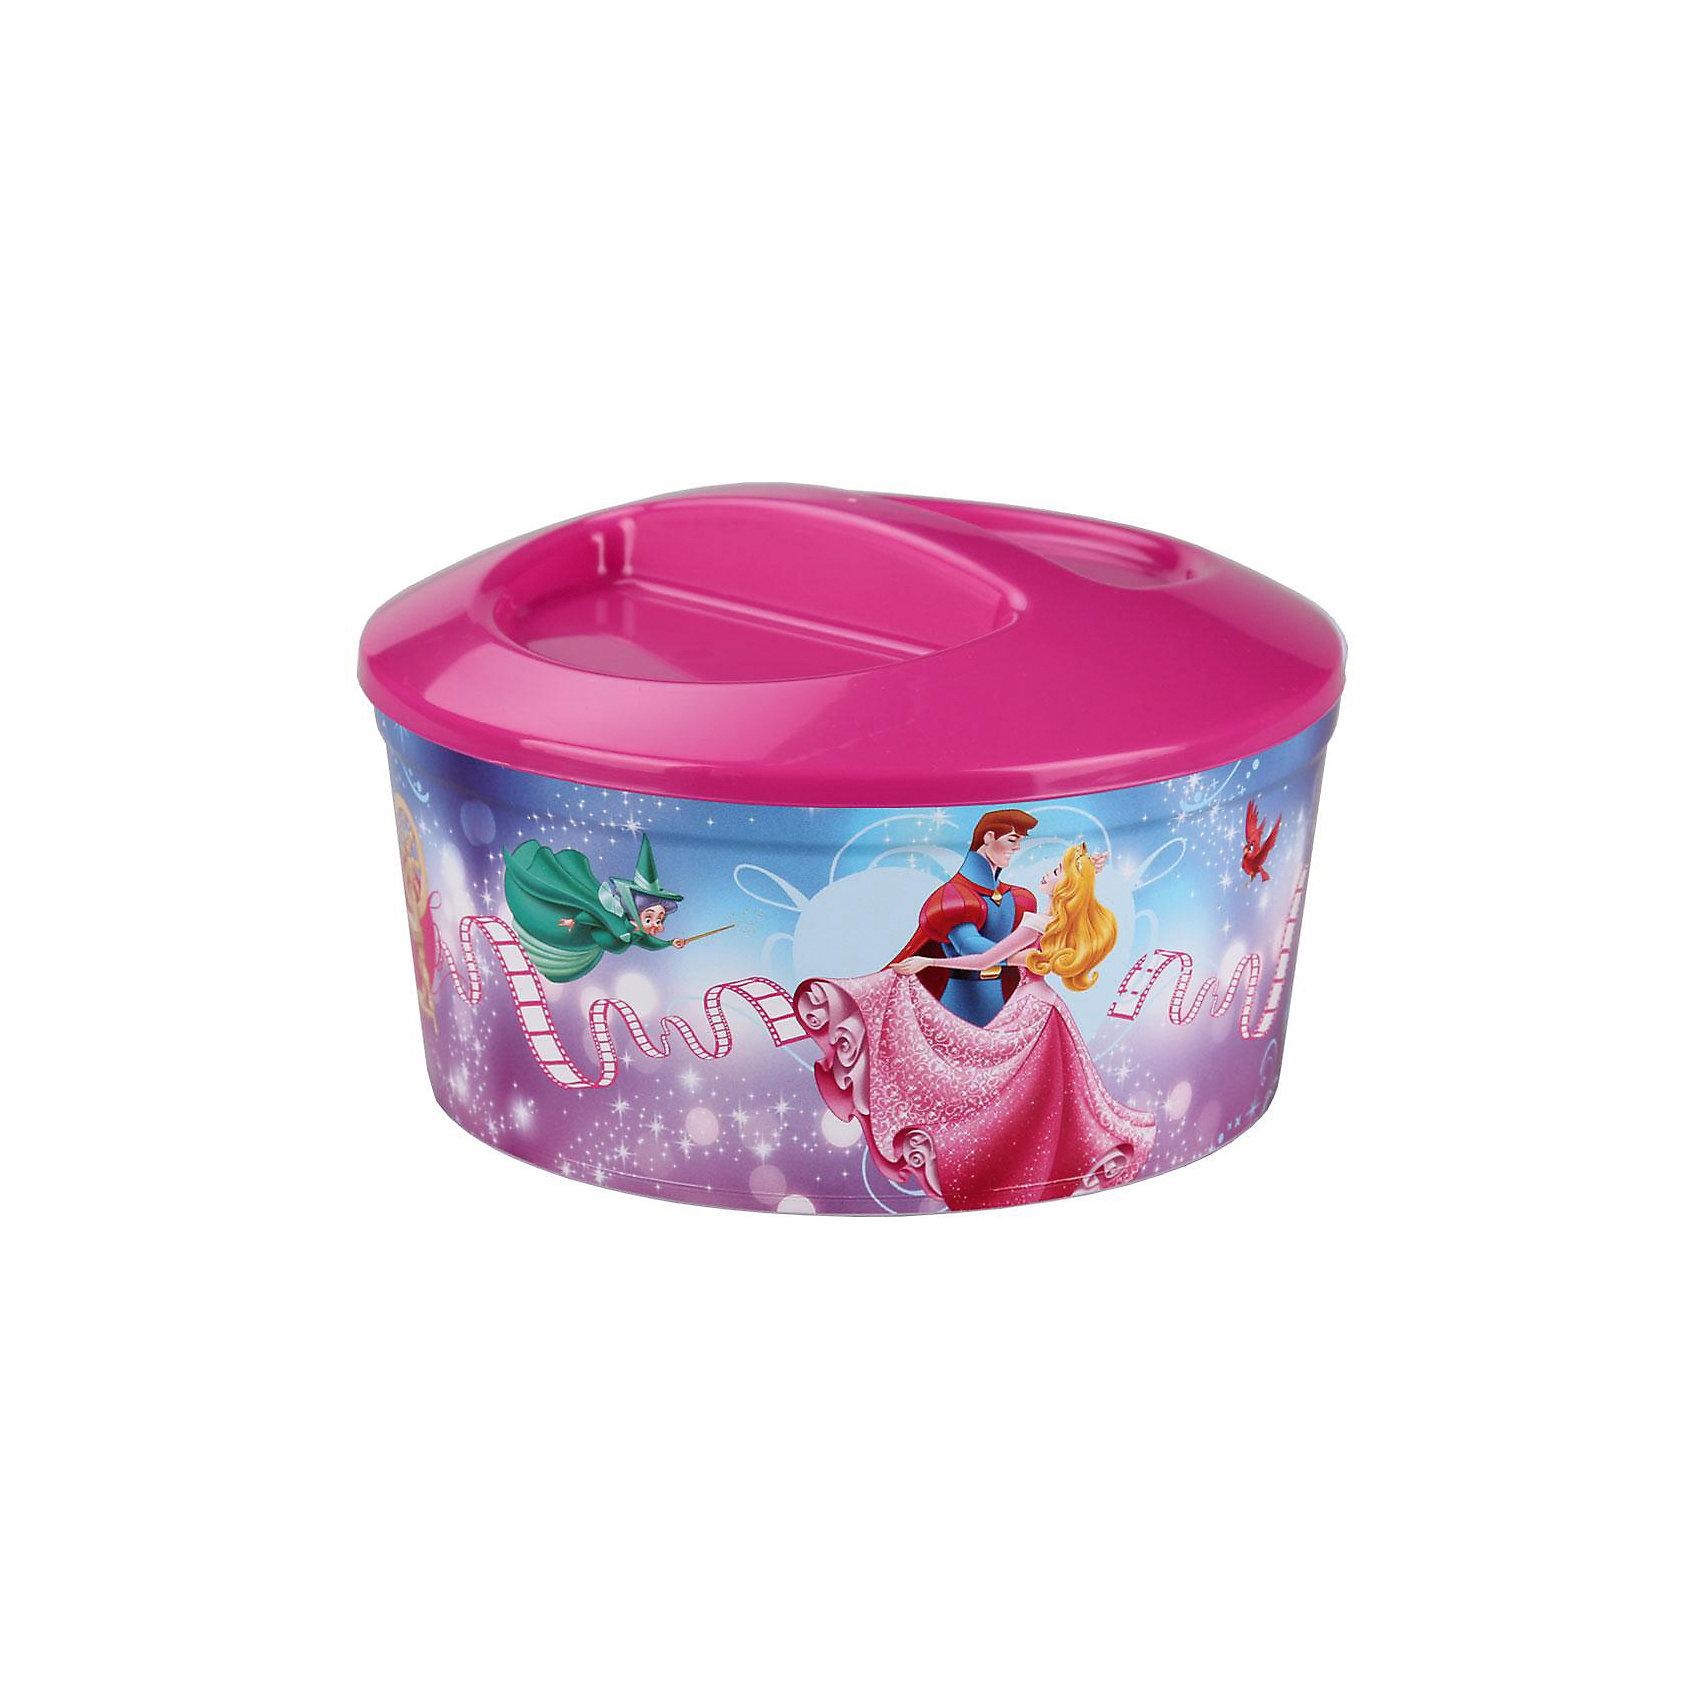 Шкатулка игрушечная Аврора-Дисней круглая,  AlternativaПредметы интерьера<br>Шкатулка Аврора-Дисней круглой формы, изготовлена из пластика. Она очень вместительная, закрывается крышкой с углублениями. В шкатулке с изображением принцессы Авроры девочке будет приятно хранить украшения или различные безделушки.<br><br>Дополнительная информация:<br>Сказочный персонаж: Аврора<br>Материал: пластик<br>Размер: 19,5х19,5х11,5 см<br><br>Шкатулку Аврора-Дисней вы можете приобрести в нашем интернет-магазине.<br><br>Ширина мм: 195<br>Глубина мм: 195<br>Высота мм: 115<br>Вес г: 192<br>Возраст от месяцев: 36<br>Возраст до месяцев: 144<br>Пол: Унисекс<br>Возраст: Детский<br>SKU: 4979790